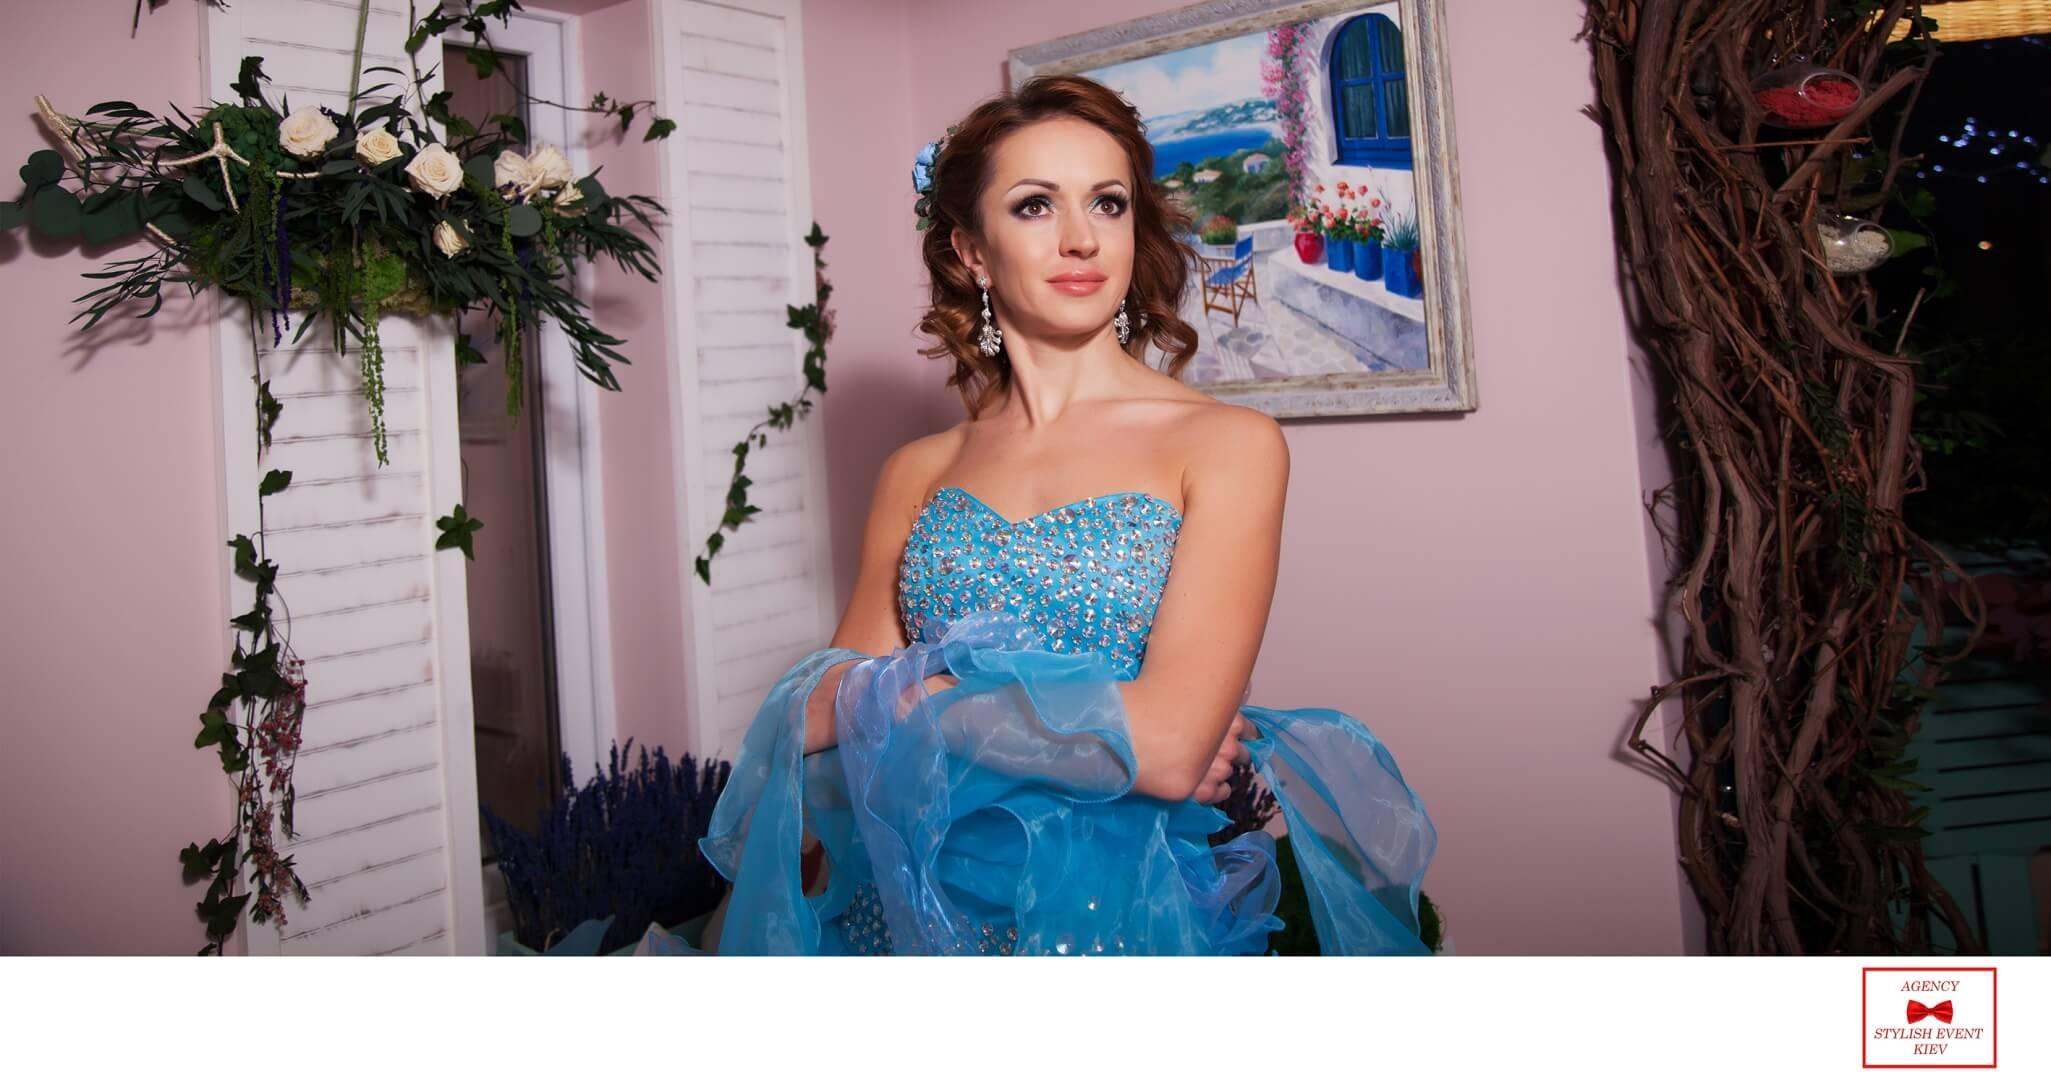 Фотосессии девушек Фототораф Киев Марина Праздничная Артем Бездольный